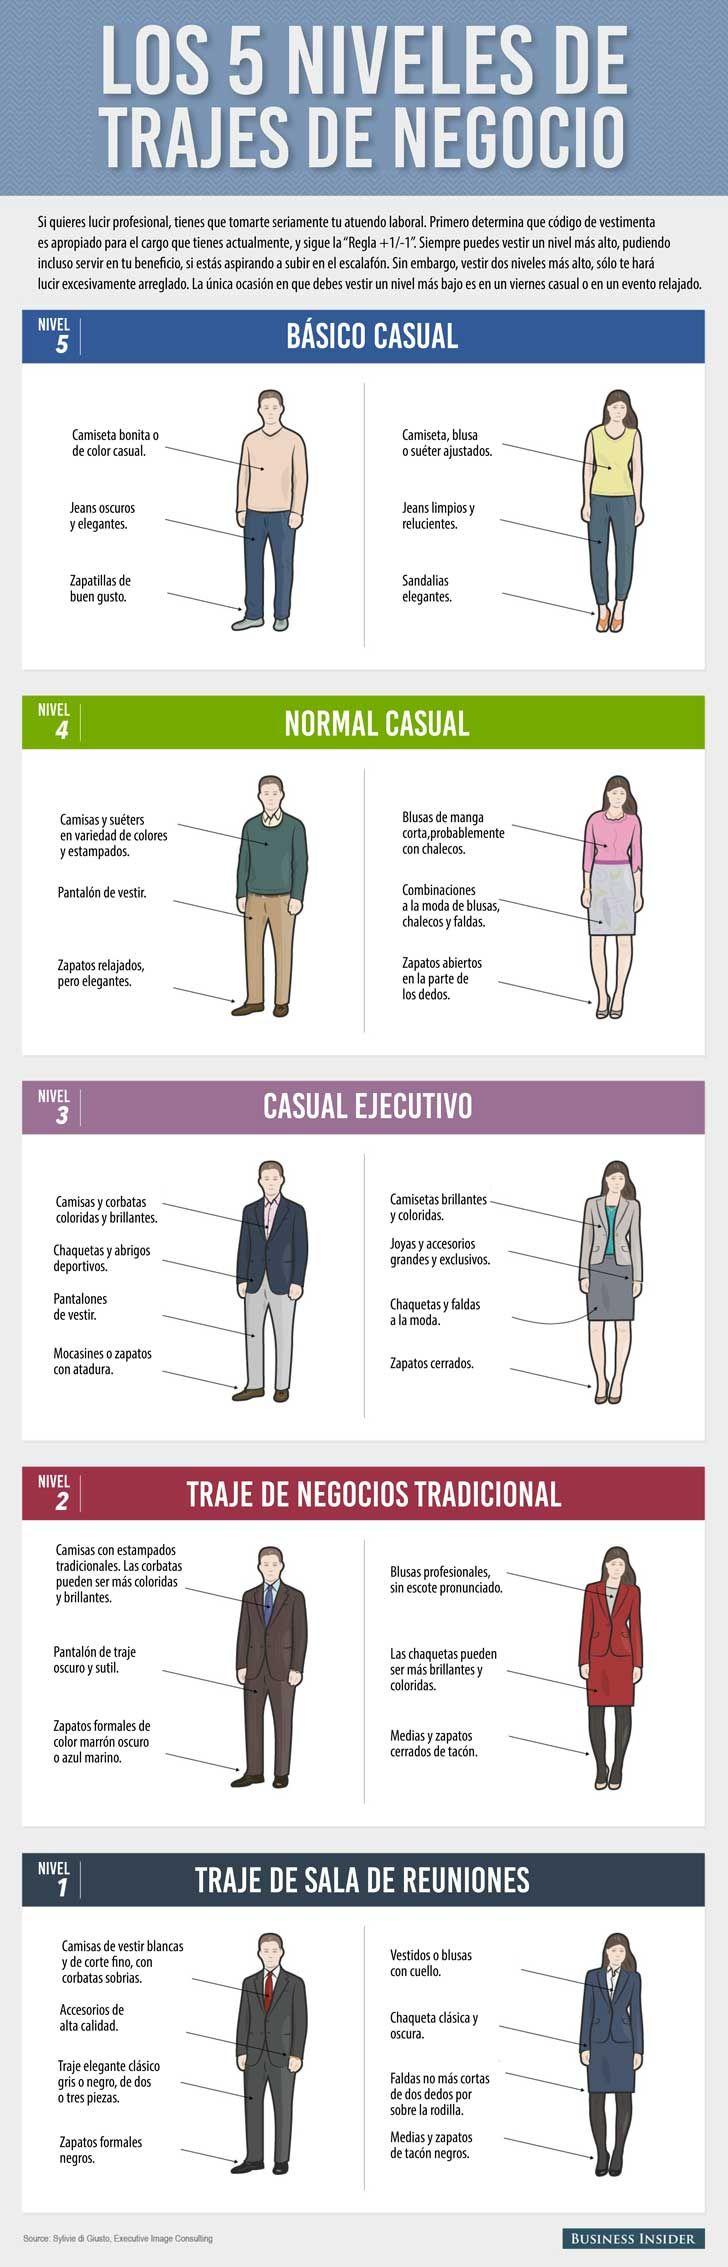 Los 5 niveles de trajes de negocios